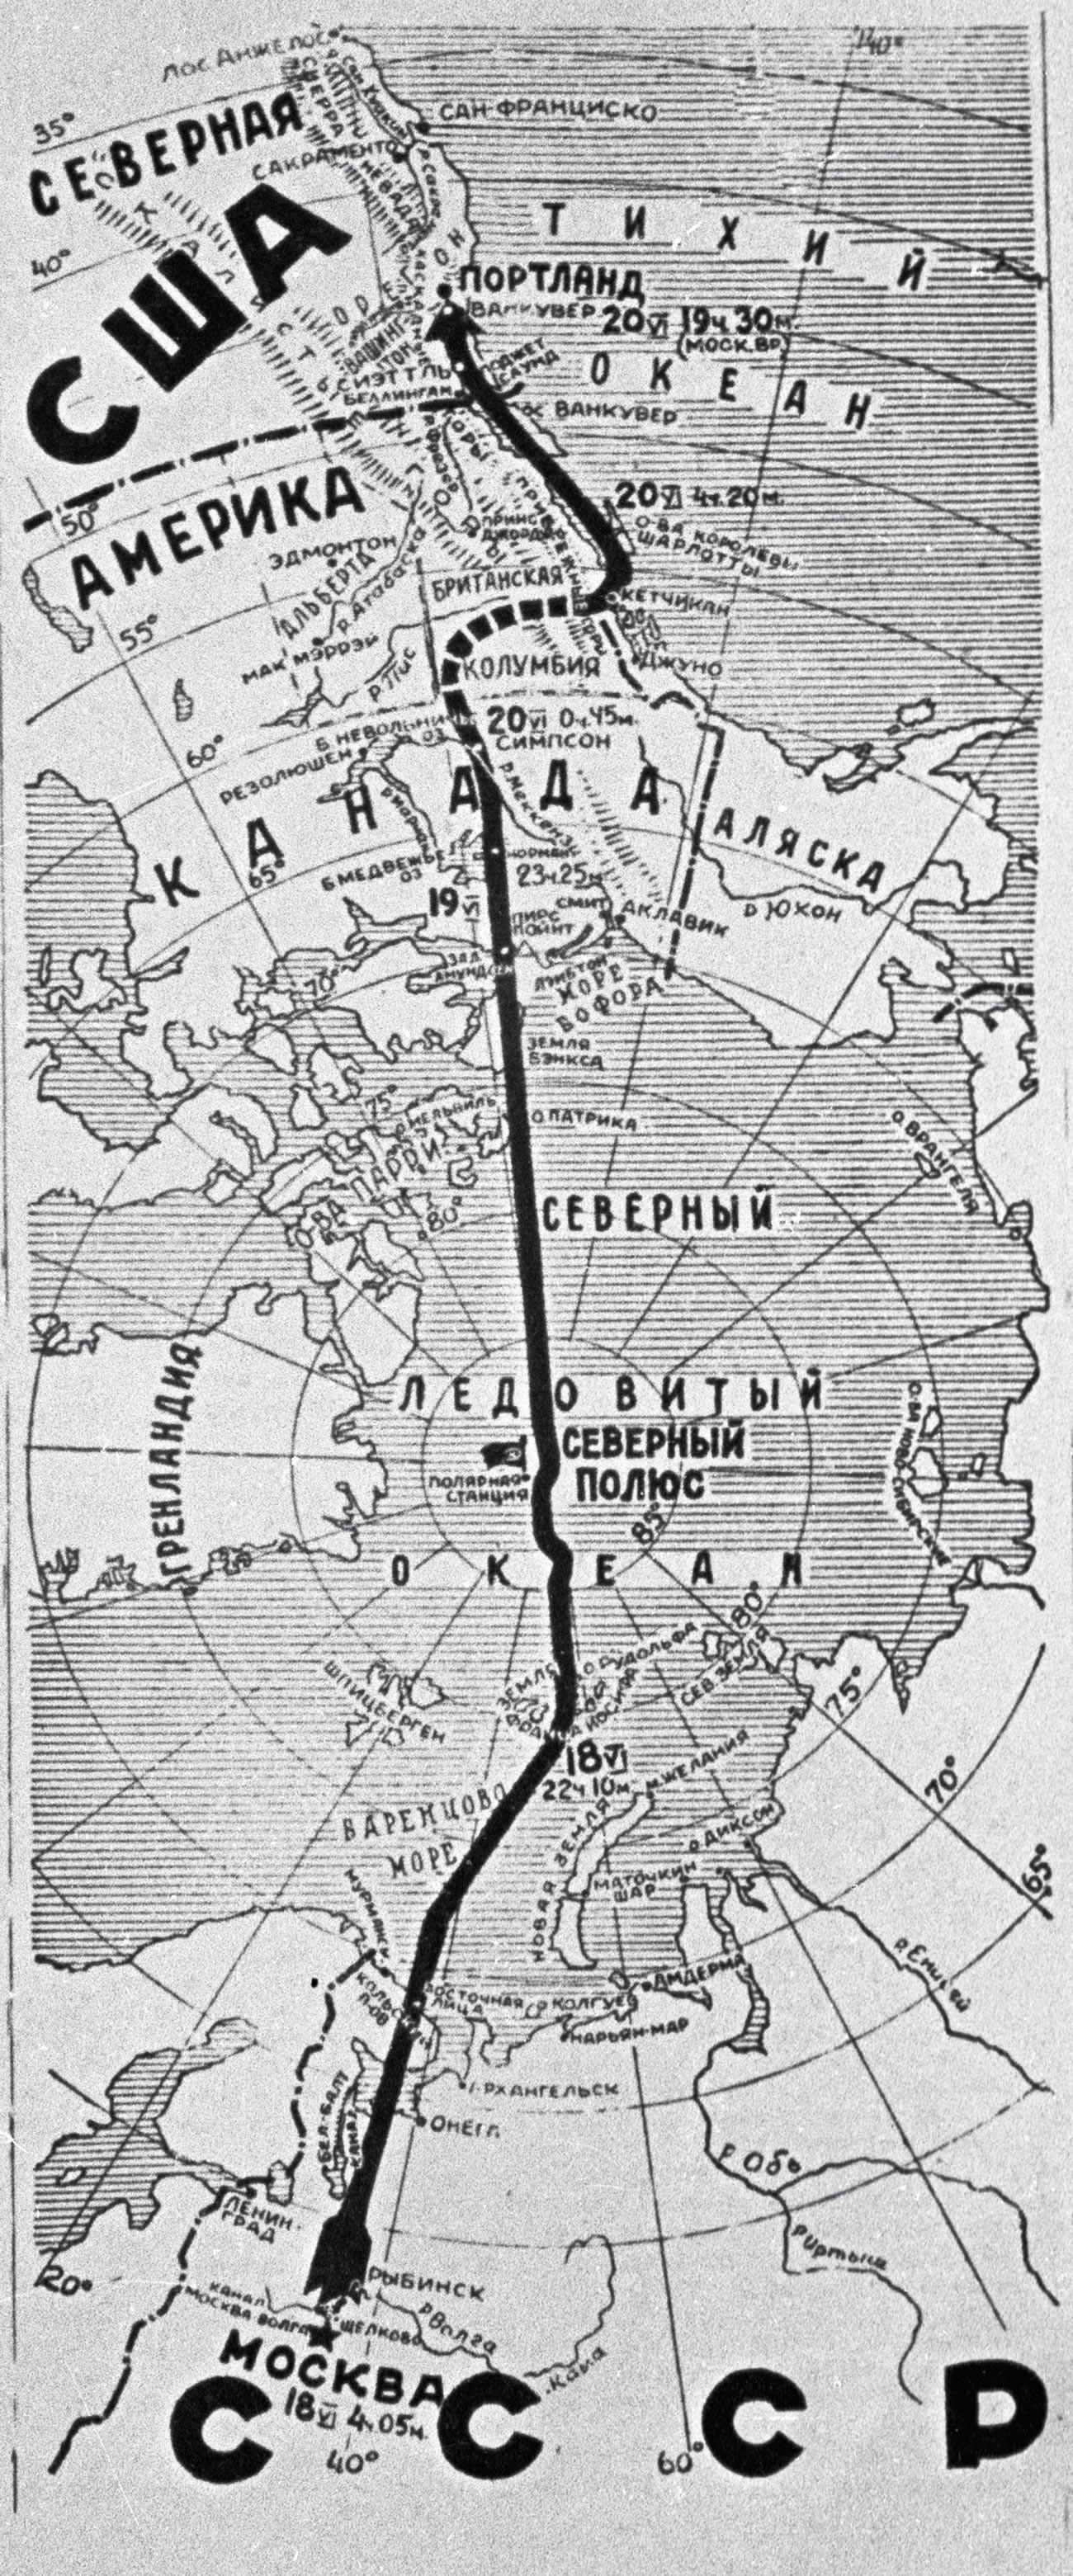 Chkálov voló desde Moscú hasta Vancouver (Washington), a través del Polo Norte